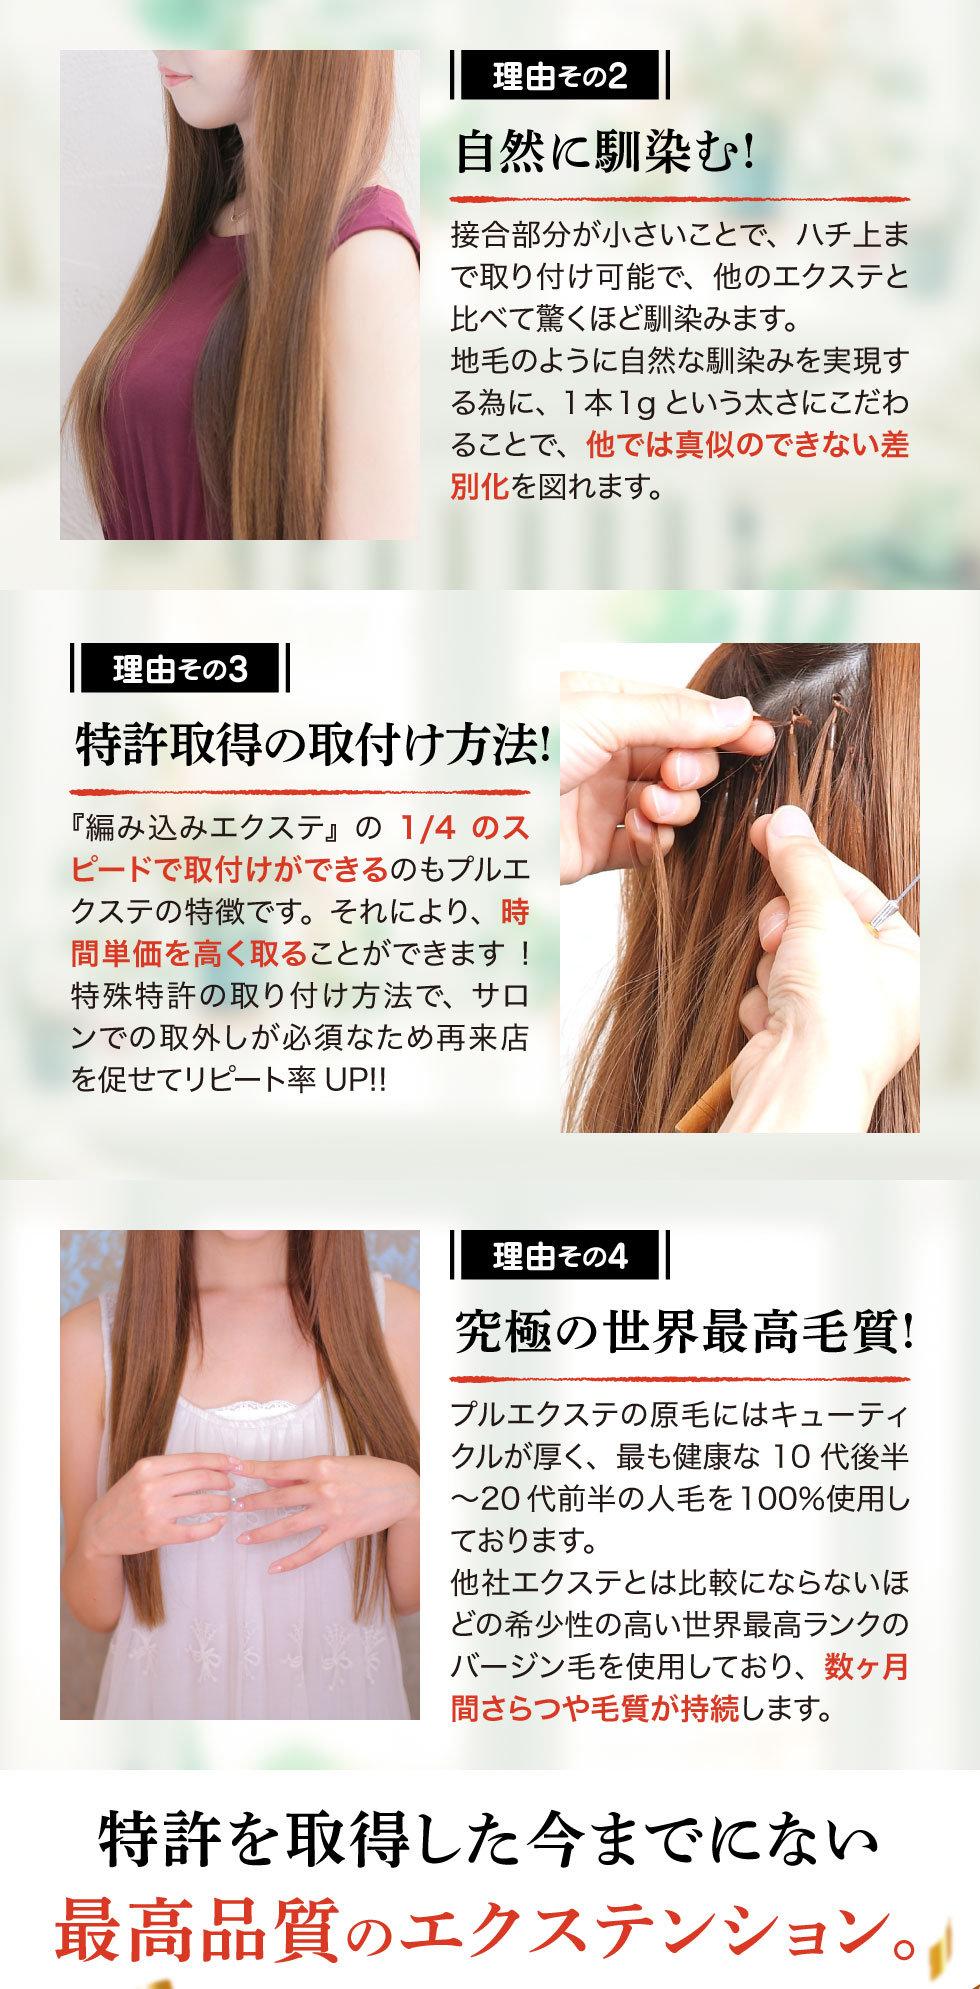 2005_事例広告LP_09.jpg